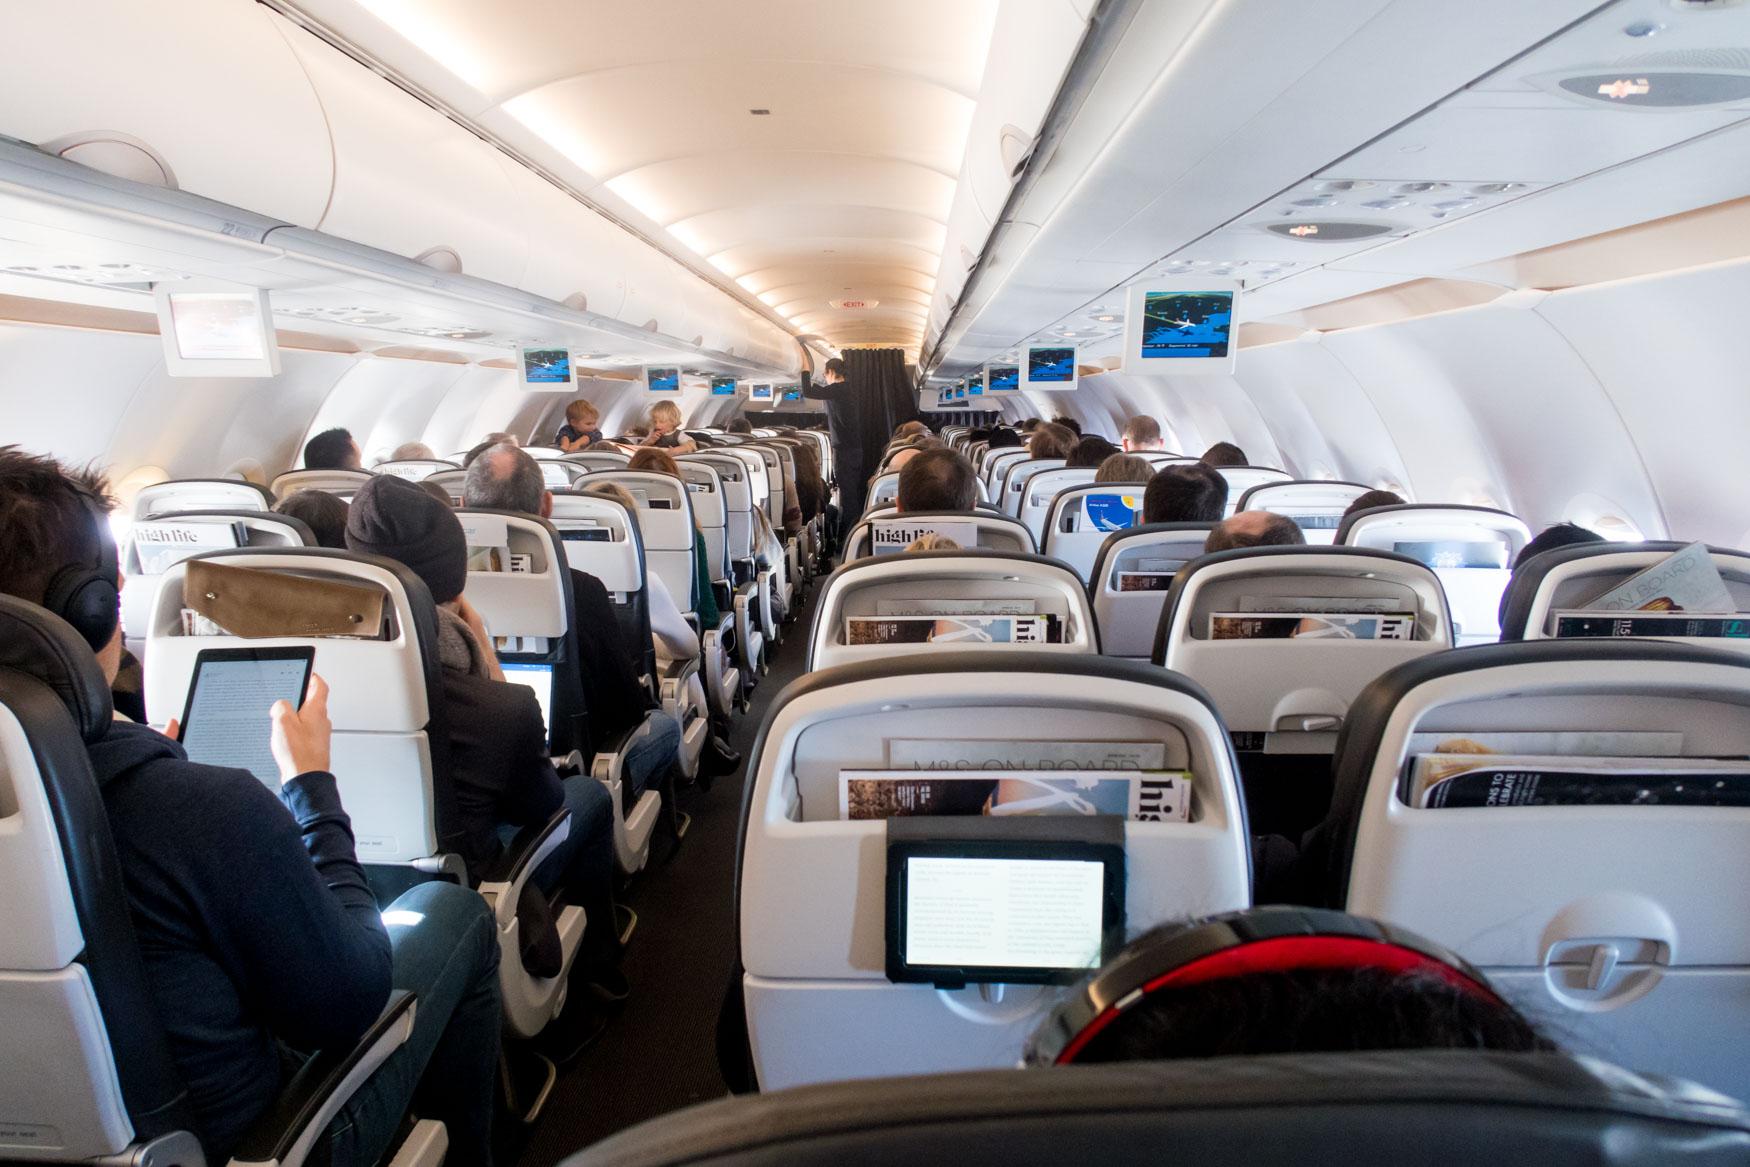 British Airways Airbus A320 Cabin